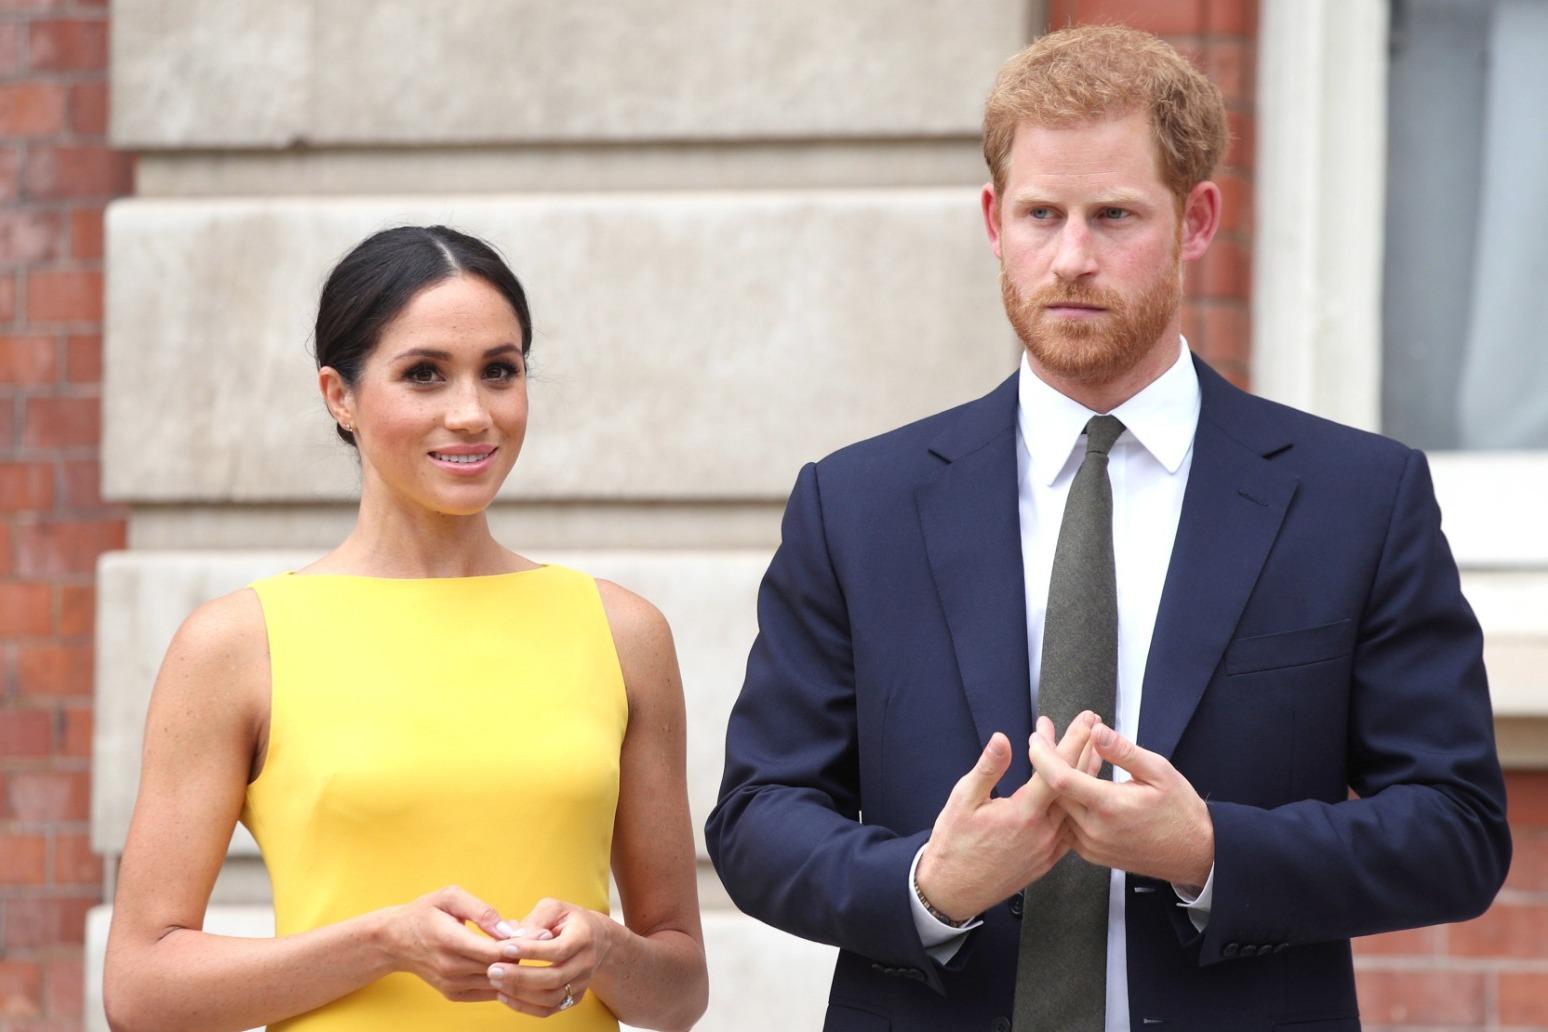 Meghan is accusing Buckingham Palace of \'perpetuating falsehoods\'